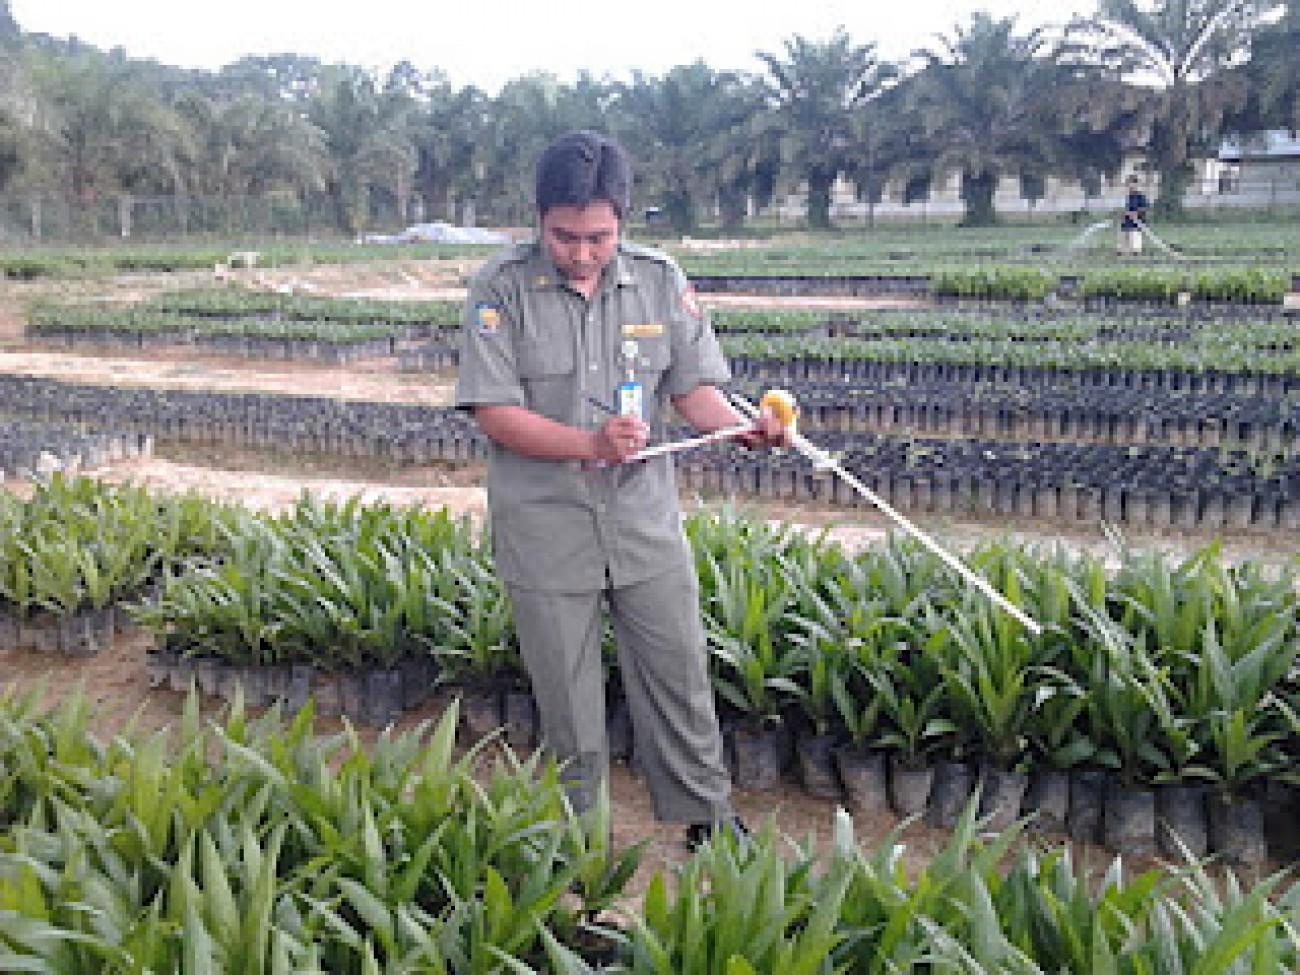 Sertifikasi Benih Perkebunan, Tekan Penyebaran Benih Palsu